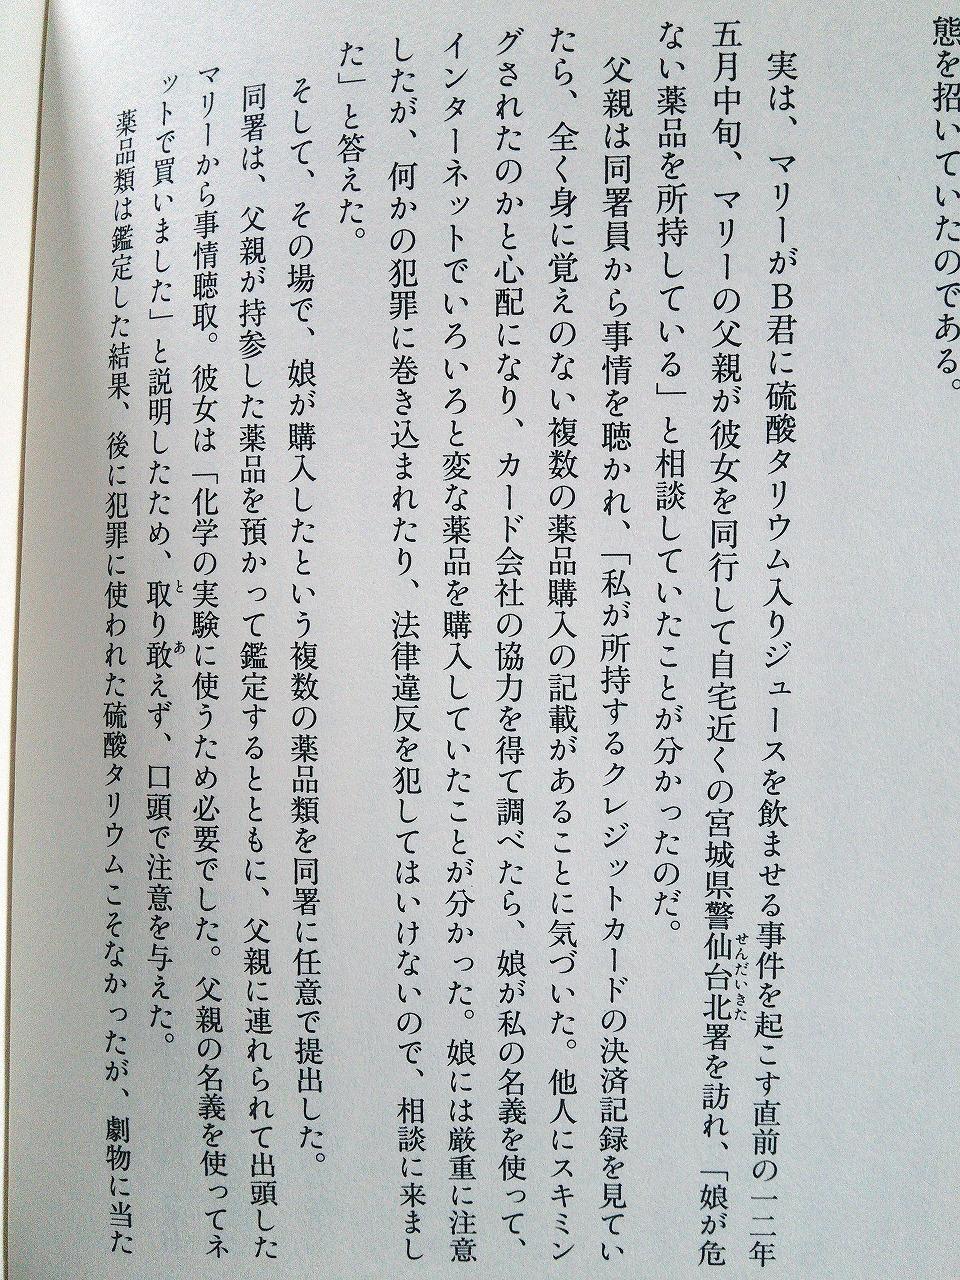 ⑥【殺人鬼万里亜】弁護士 裁判官 傍聴人 皆 殺したい!